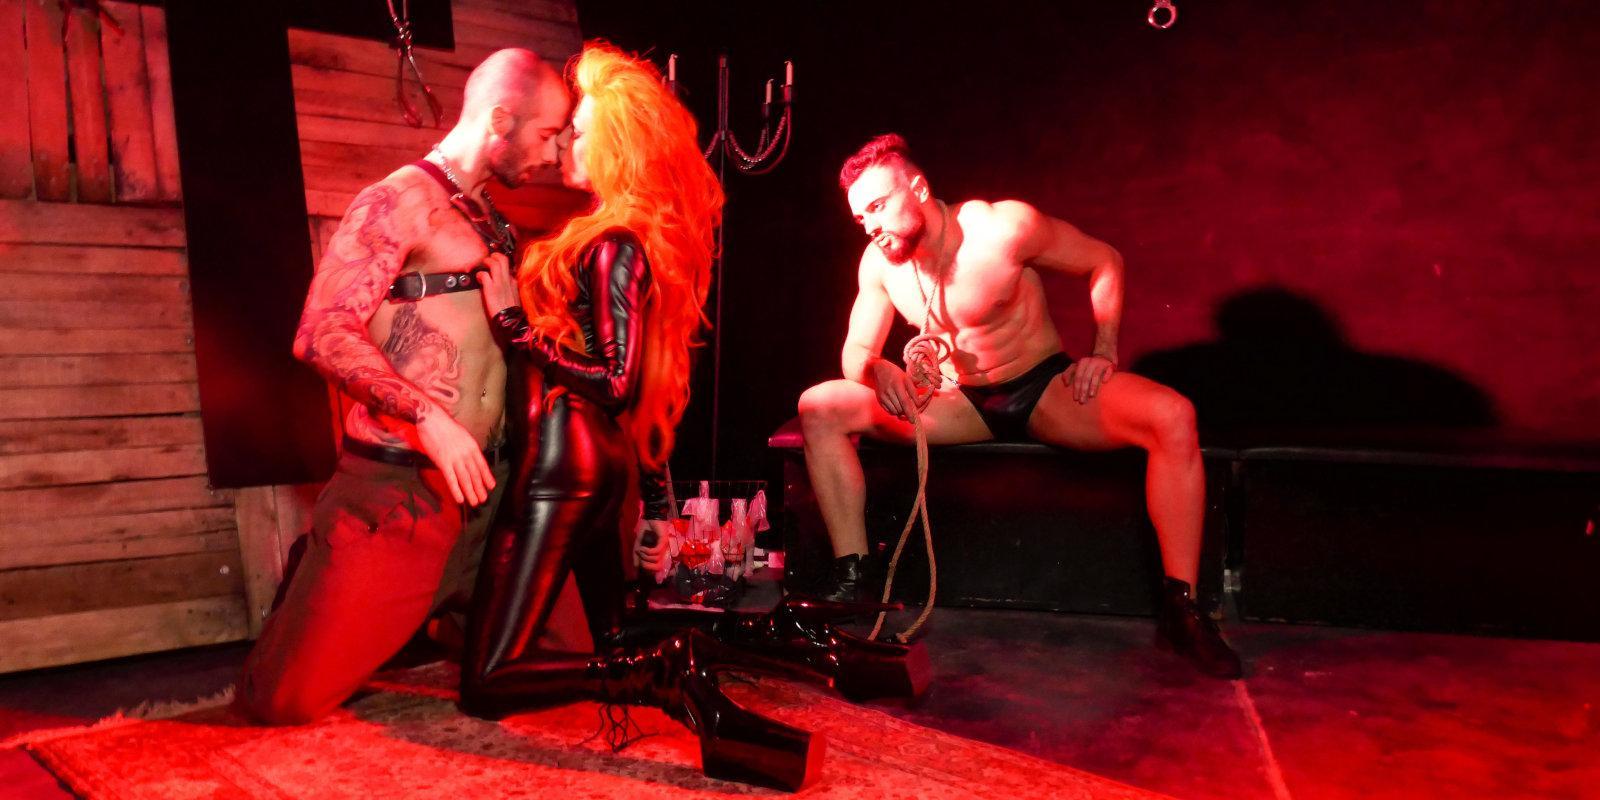 Barcelone a beaucoup d'opportunités pour la croisière gay!